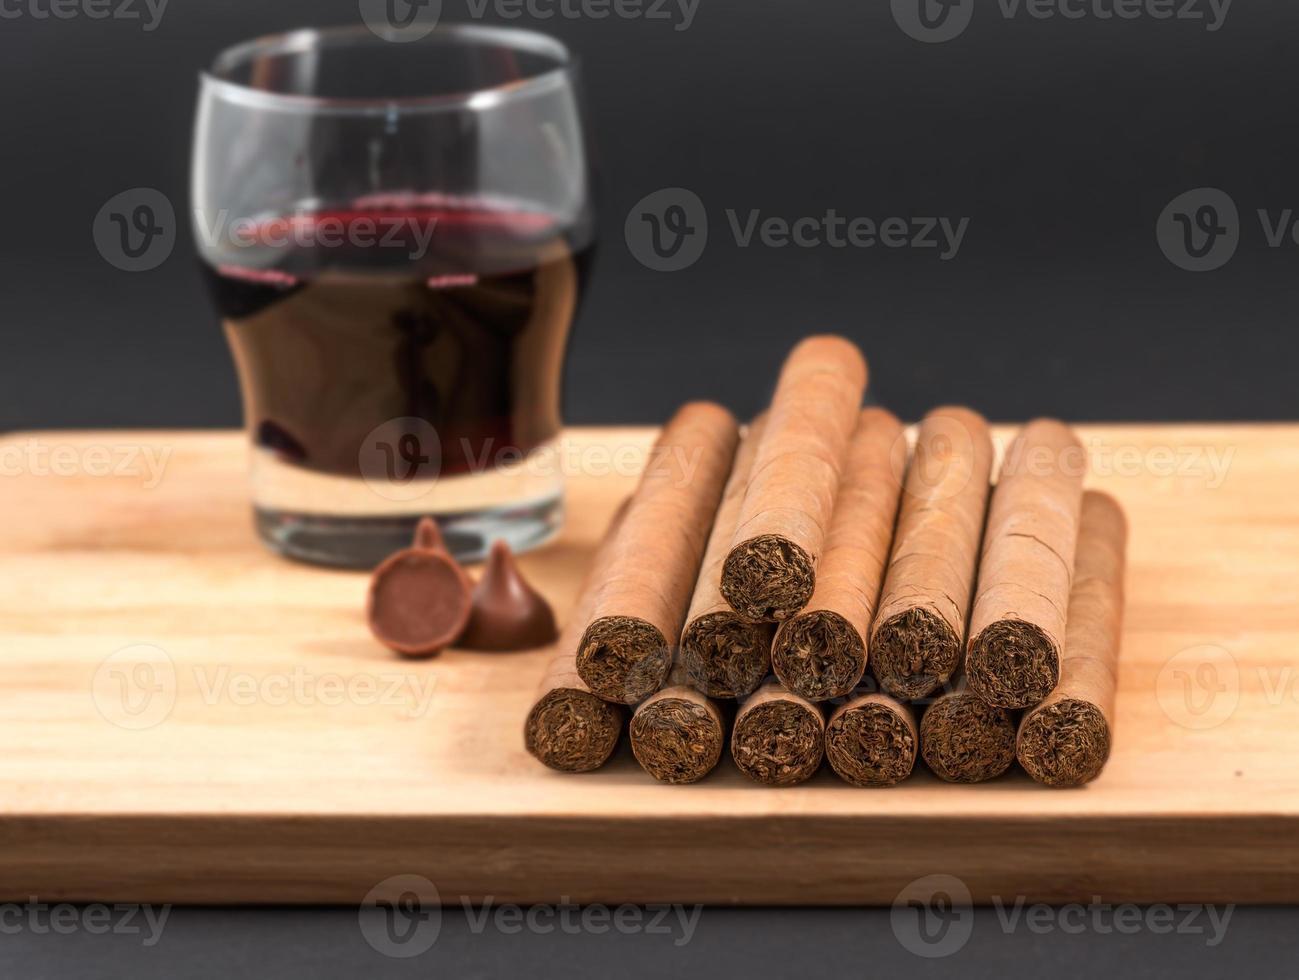 cigarros cubanos hechos a mano mundialmente famosos con vino tinto foto